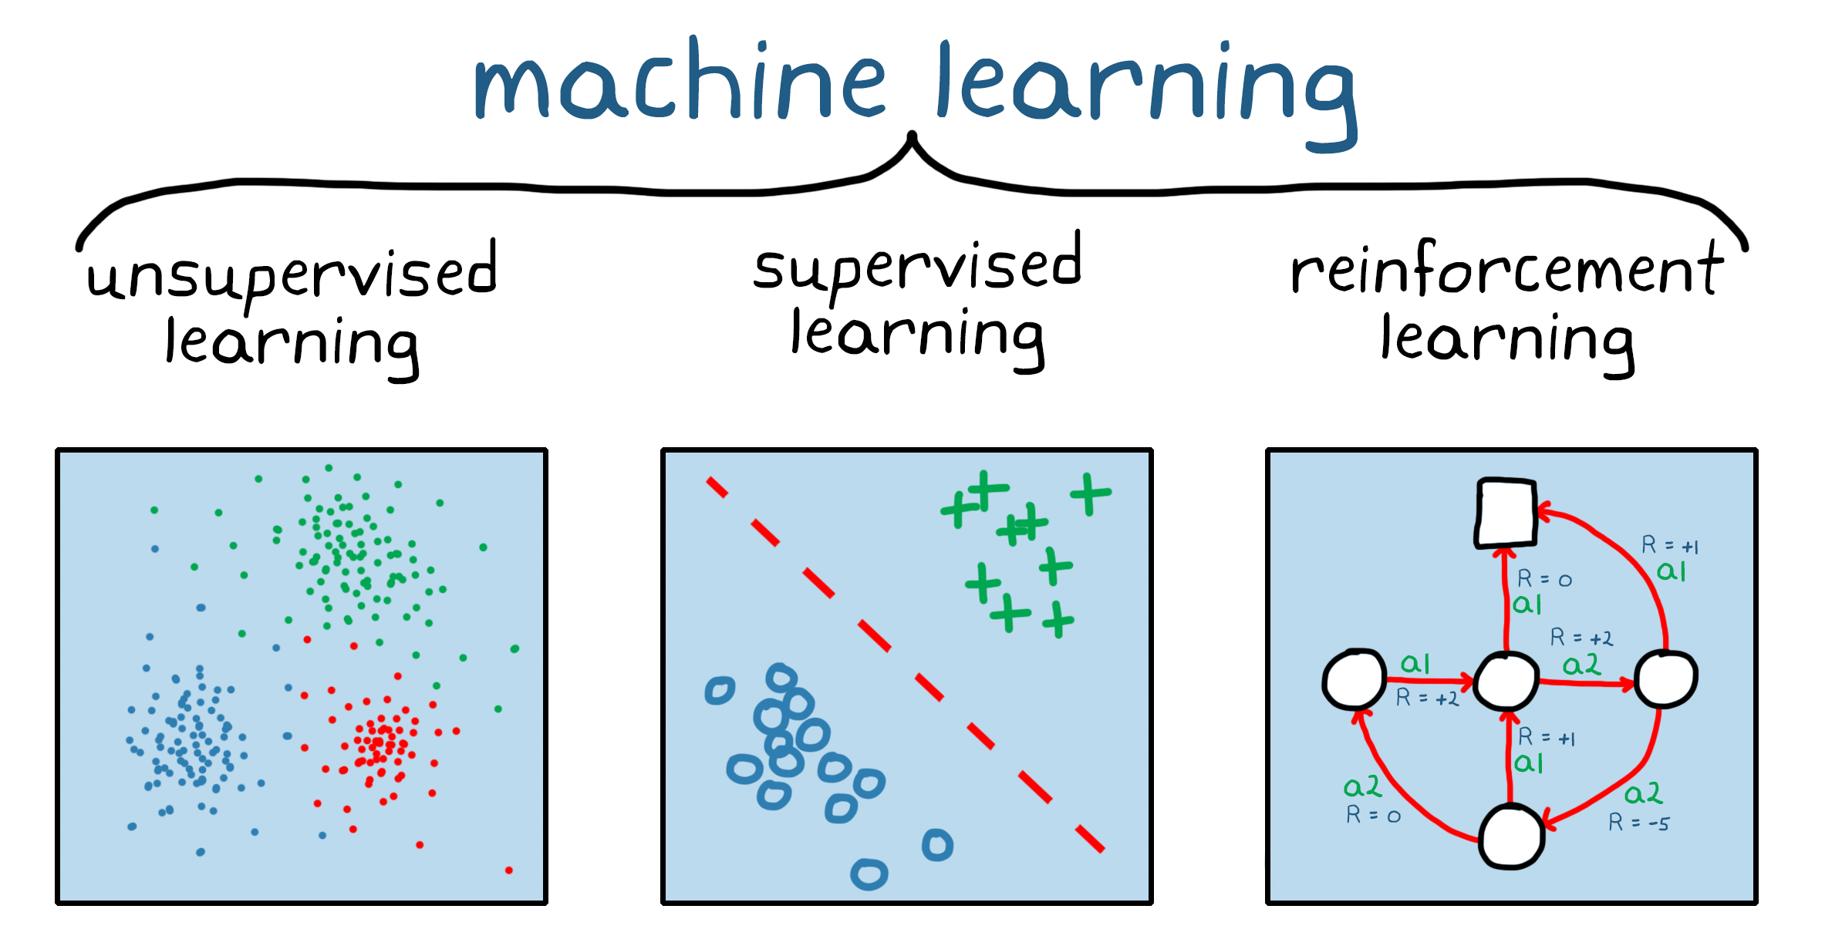 Abbildung1. Die drei großen Kategorien des Machine Learning: unüberwachtes Lernen, überwachtes Lernen und Reinforcement Learning